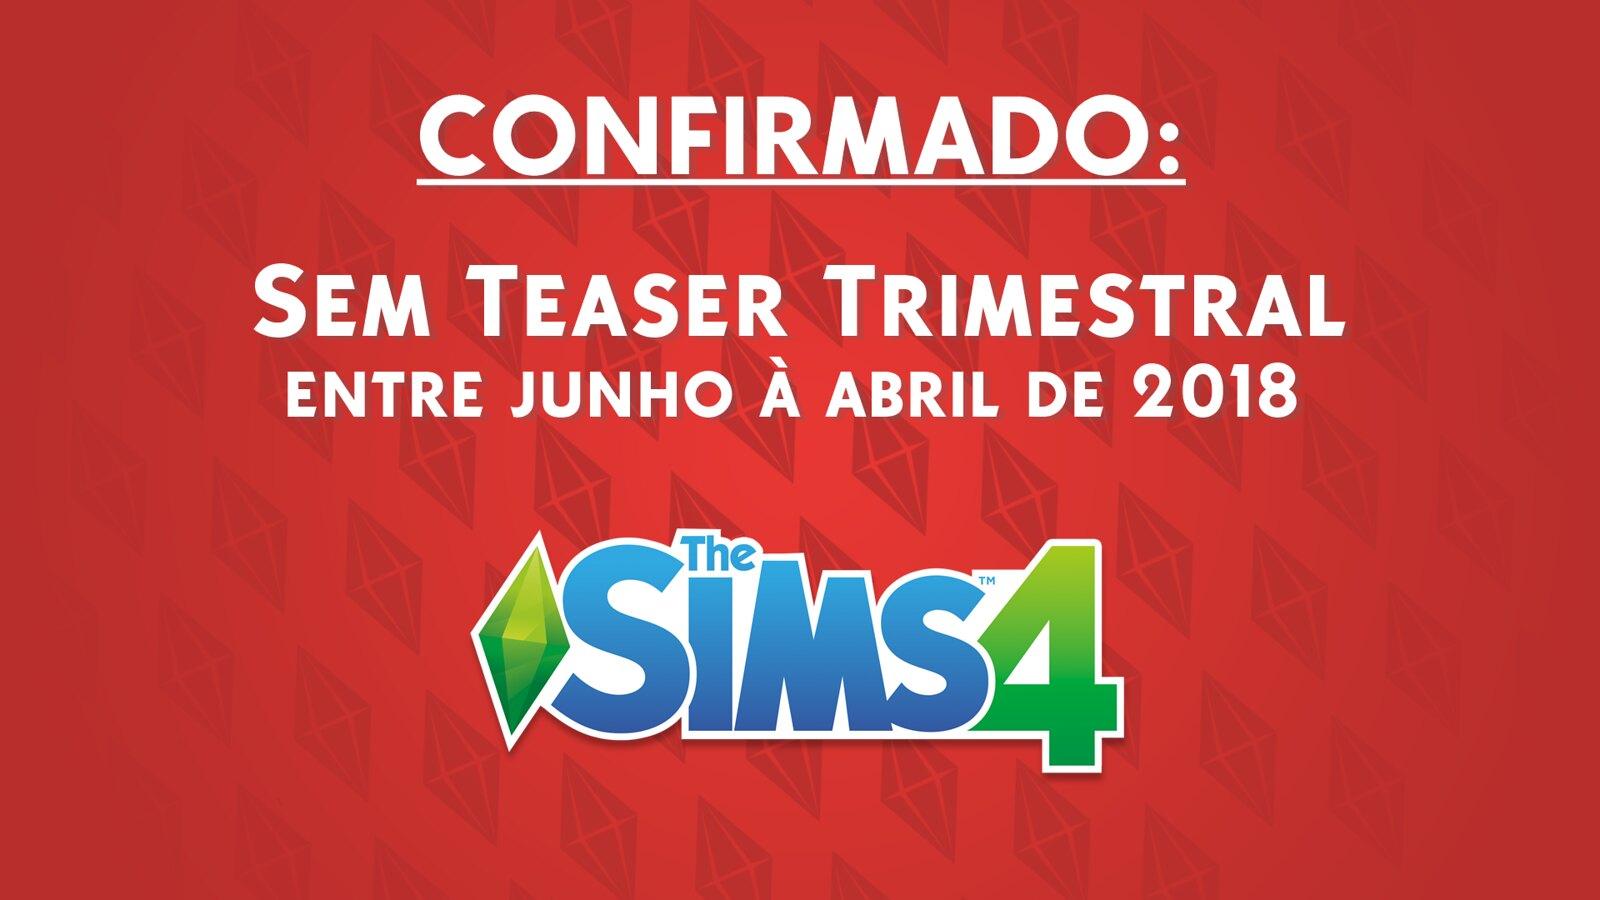 Foto de Não Haverá Teaser Trimestral para o The Sims 4 em Abril de 2018